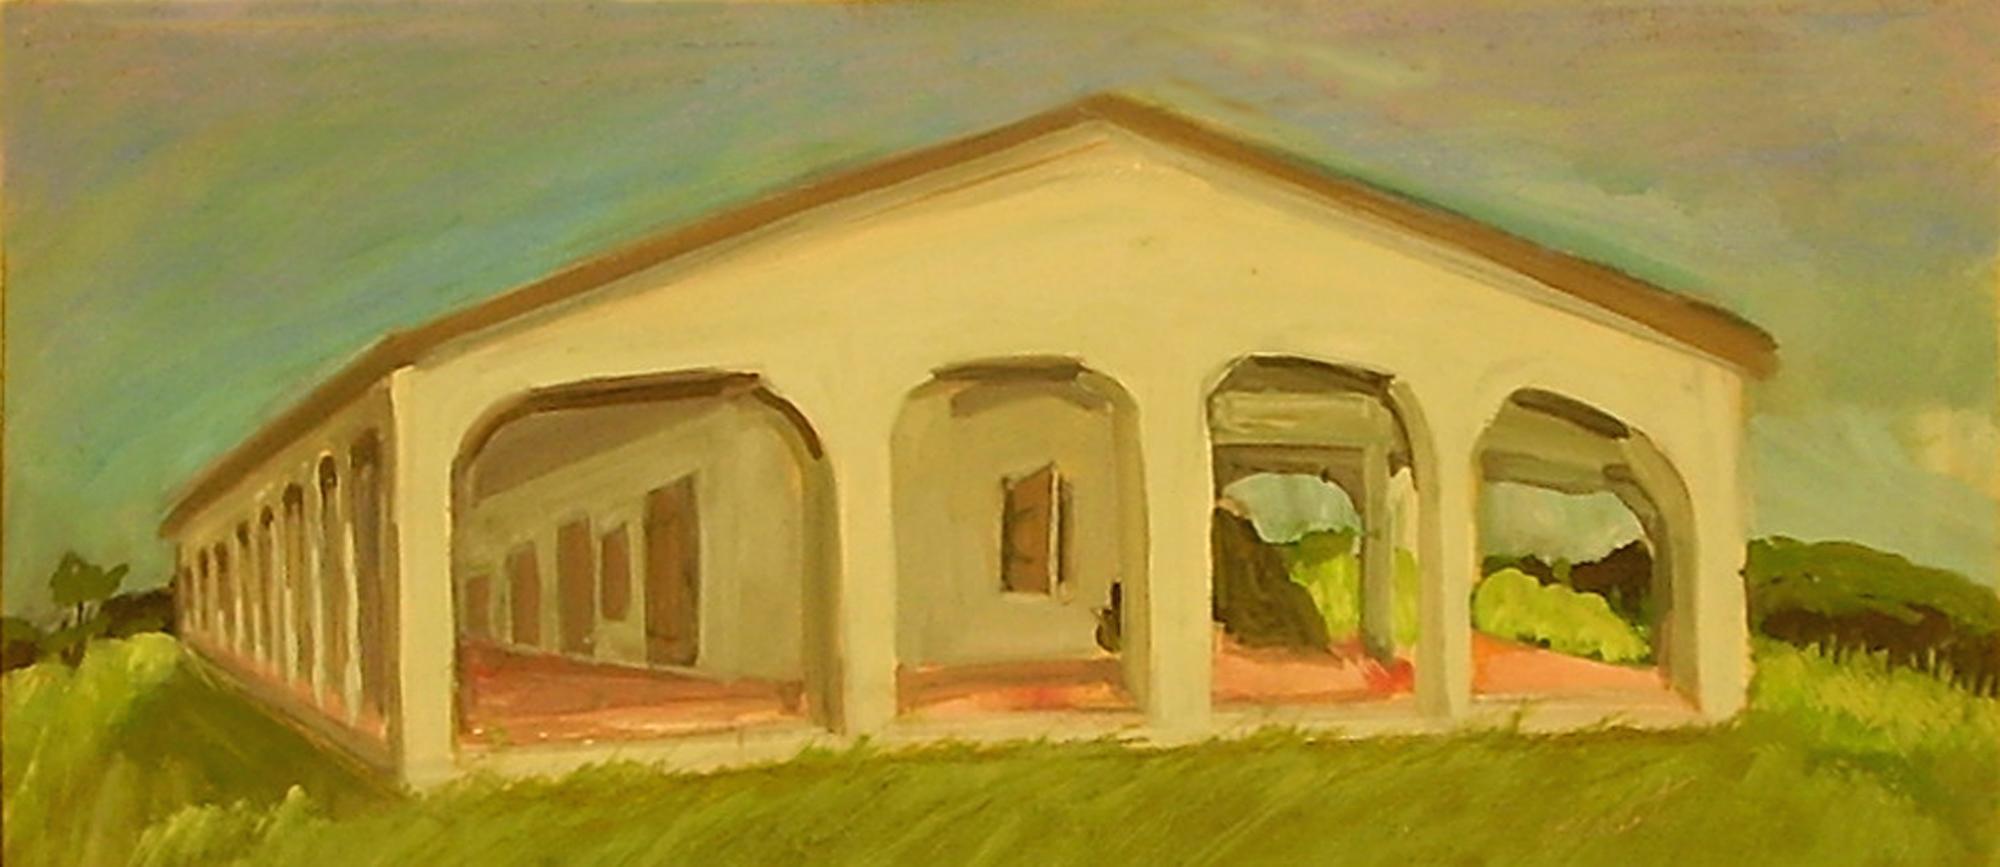 Powderhorn Ranch Bunkhouse by Susanne Vincent